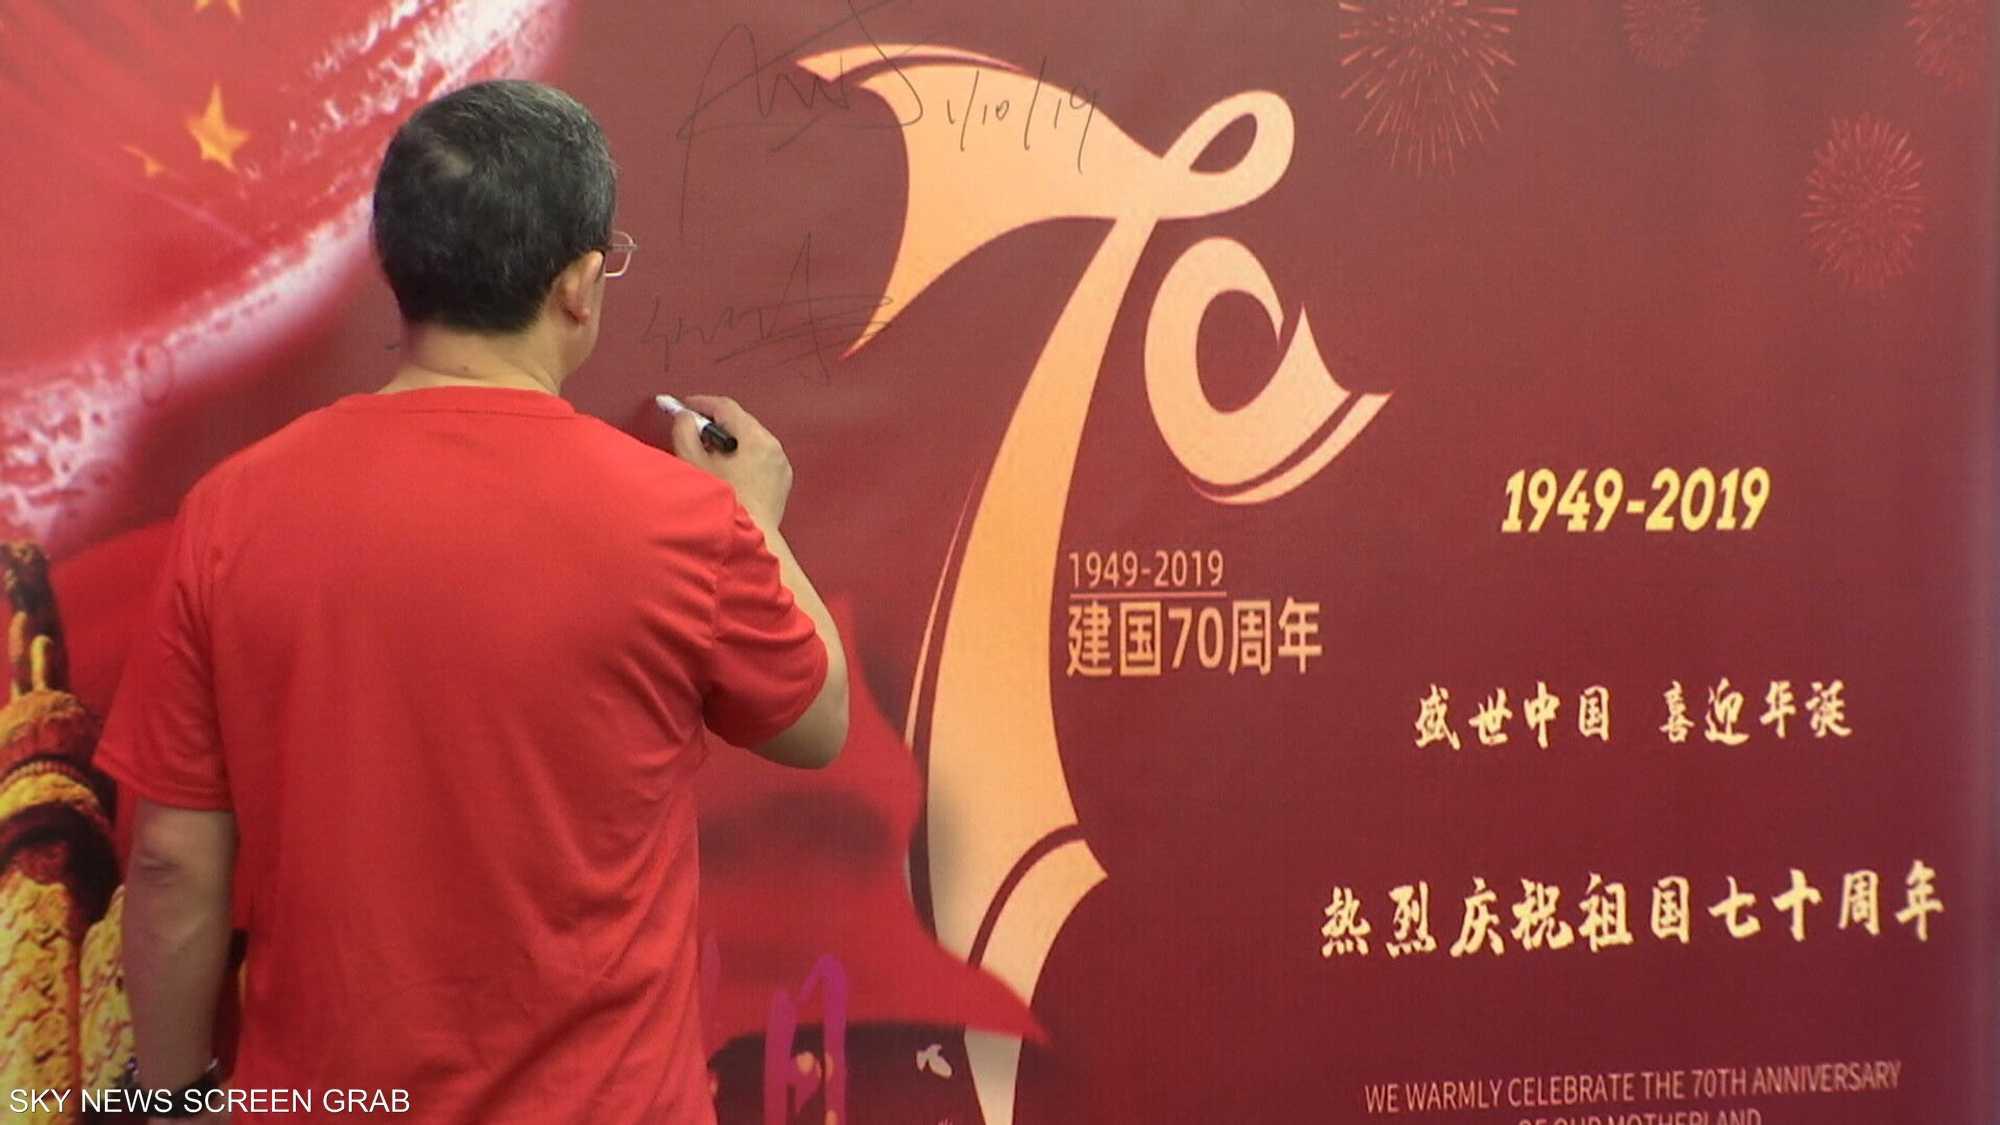 الجاليات الصينية تحتفل بذكرى تأسيس جمهورية الصين